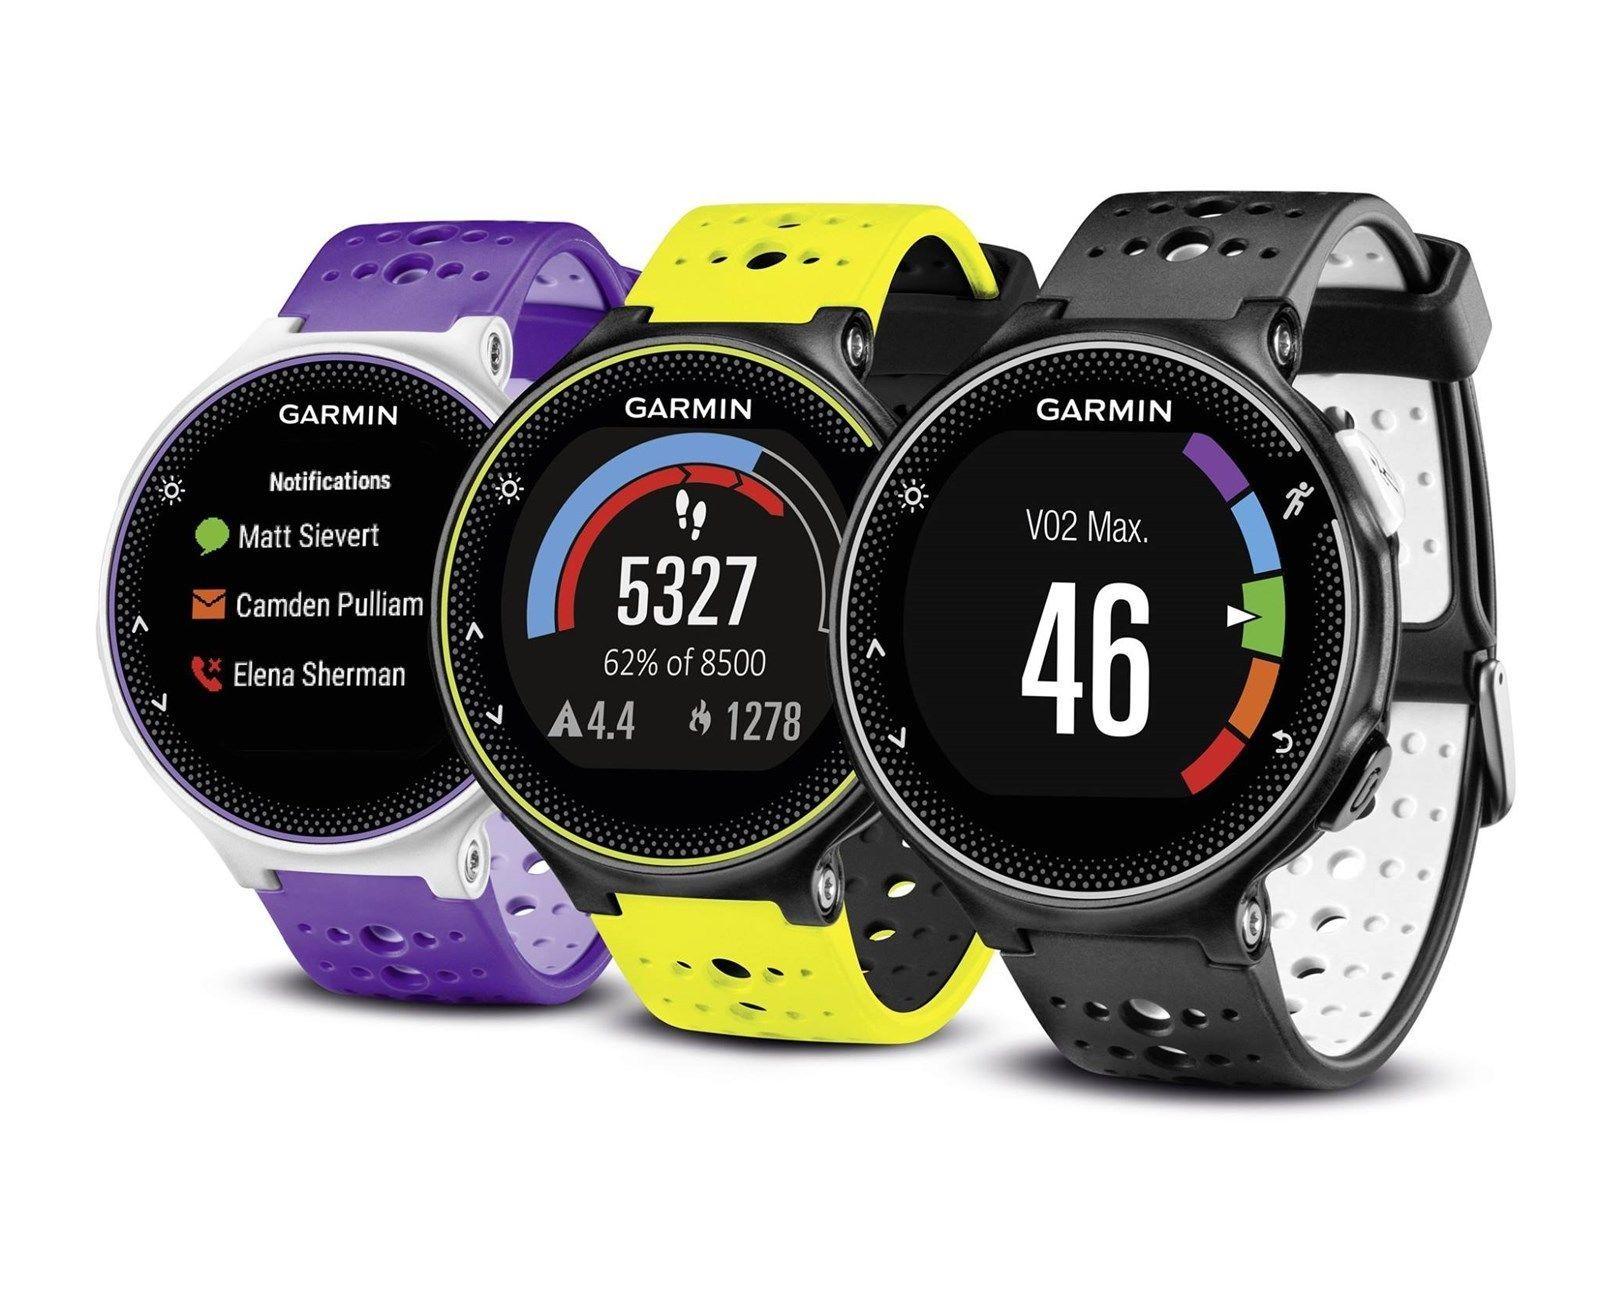 Garmin Forerunner 230 Gps Fitness Running Smart Watch W